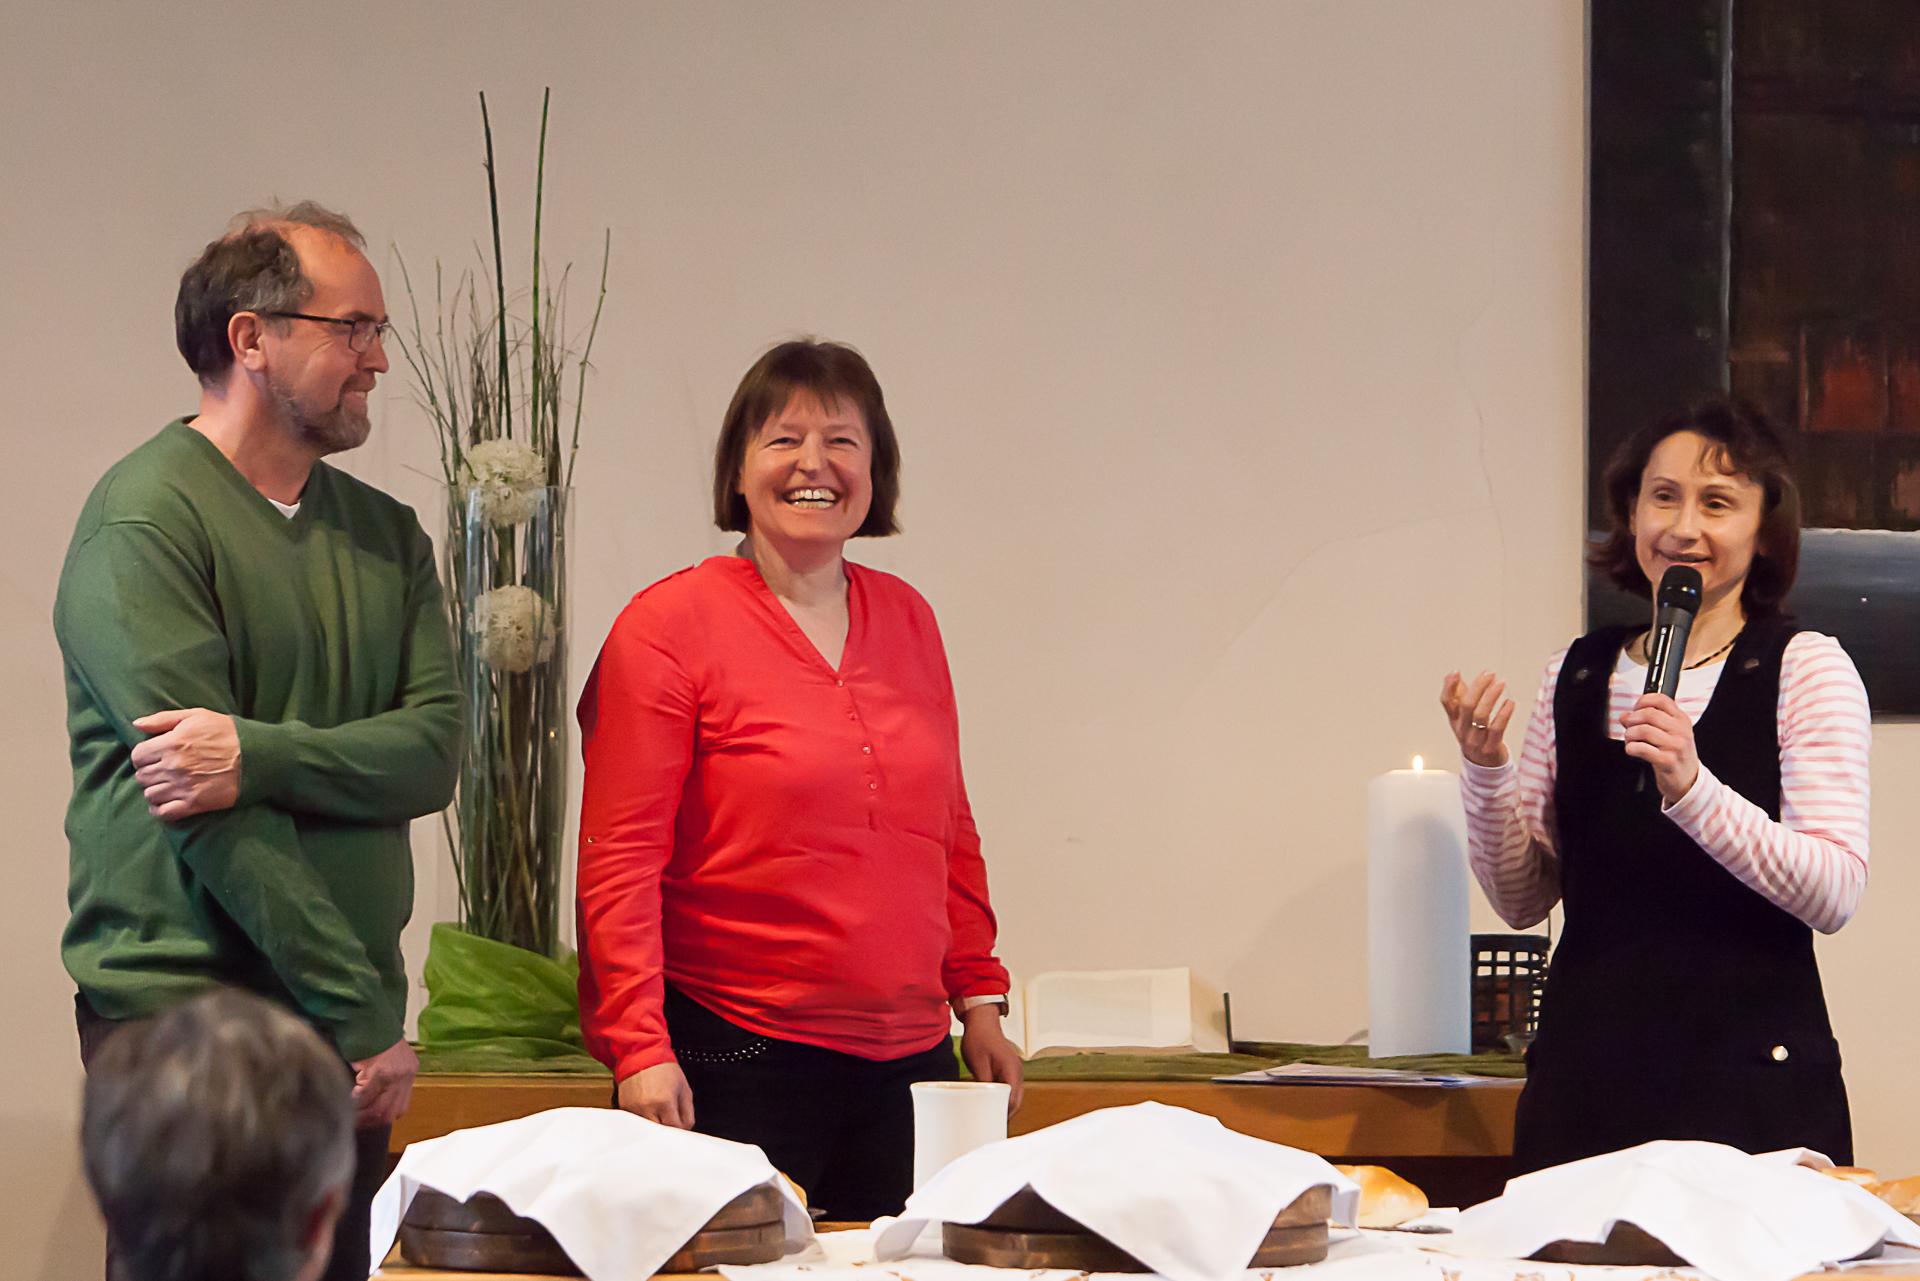 drei Personen, eine hält ein Mikrofon, die anderen lachen